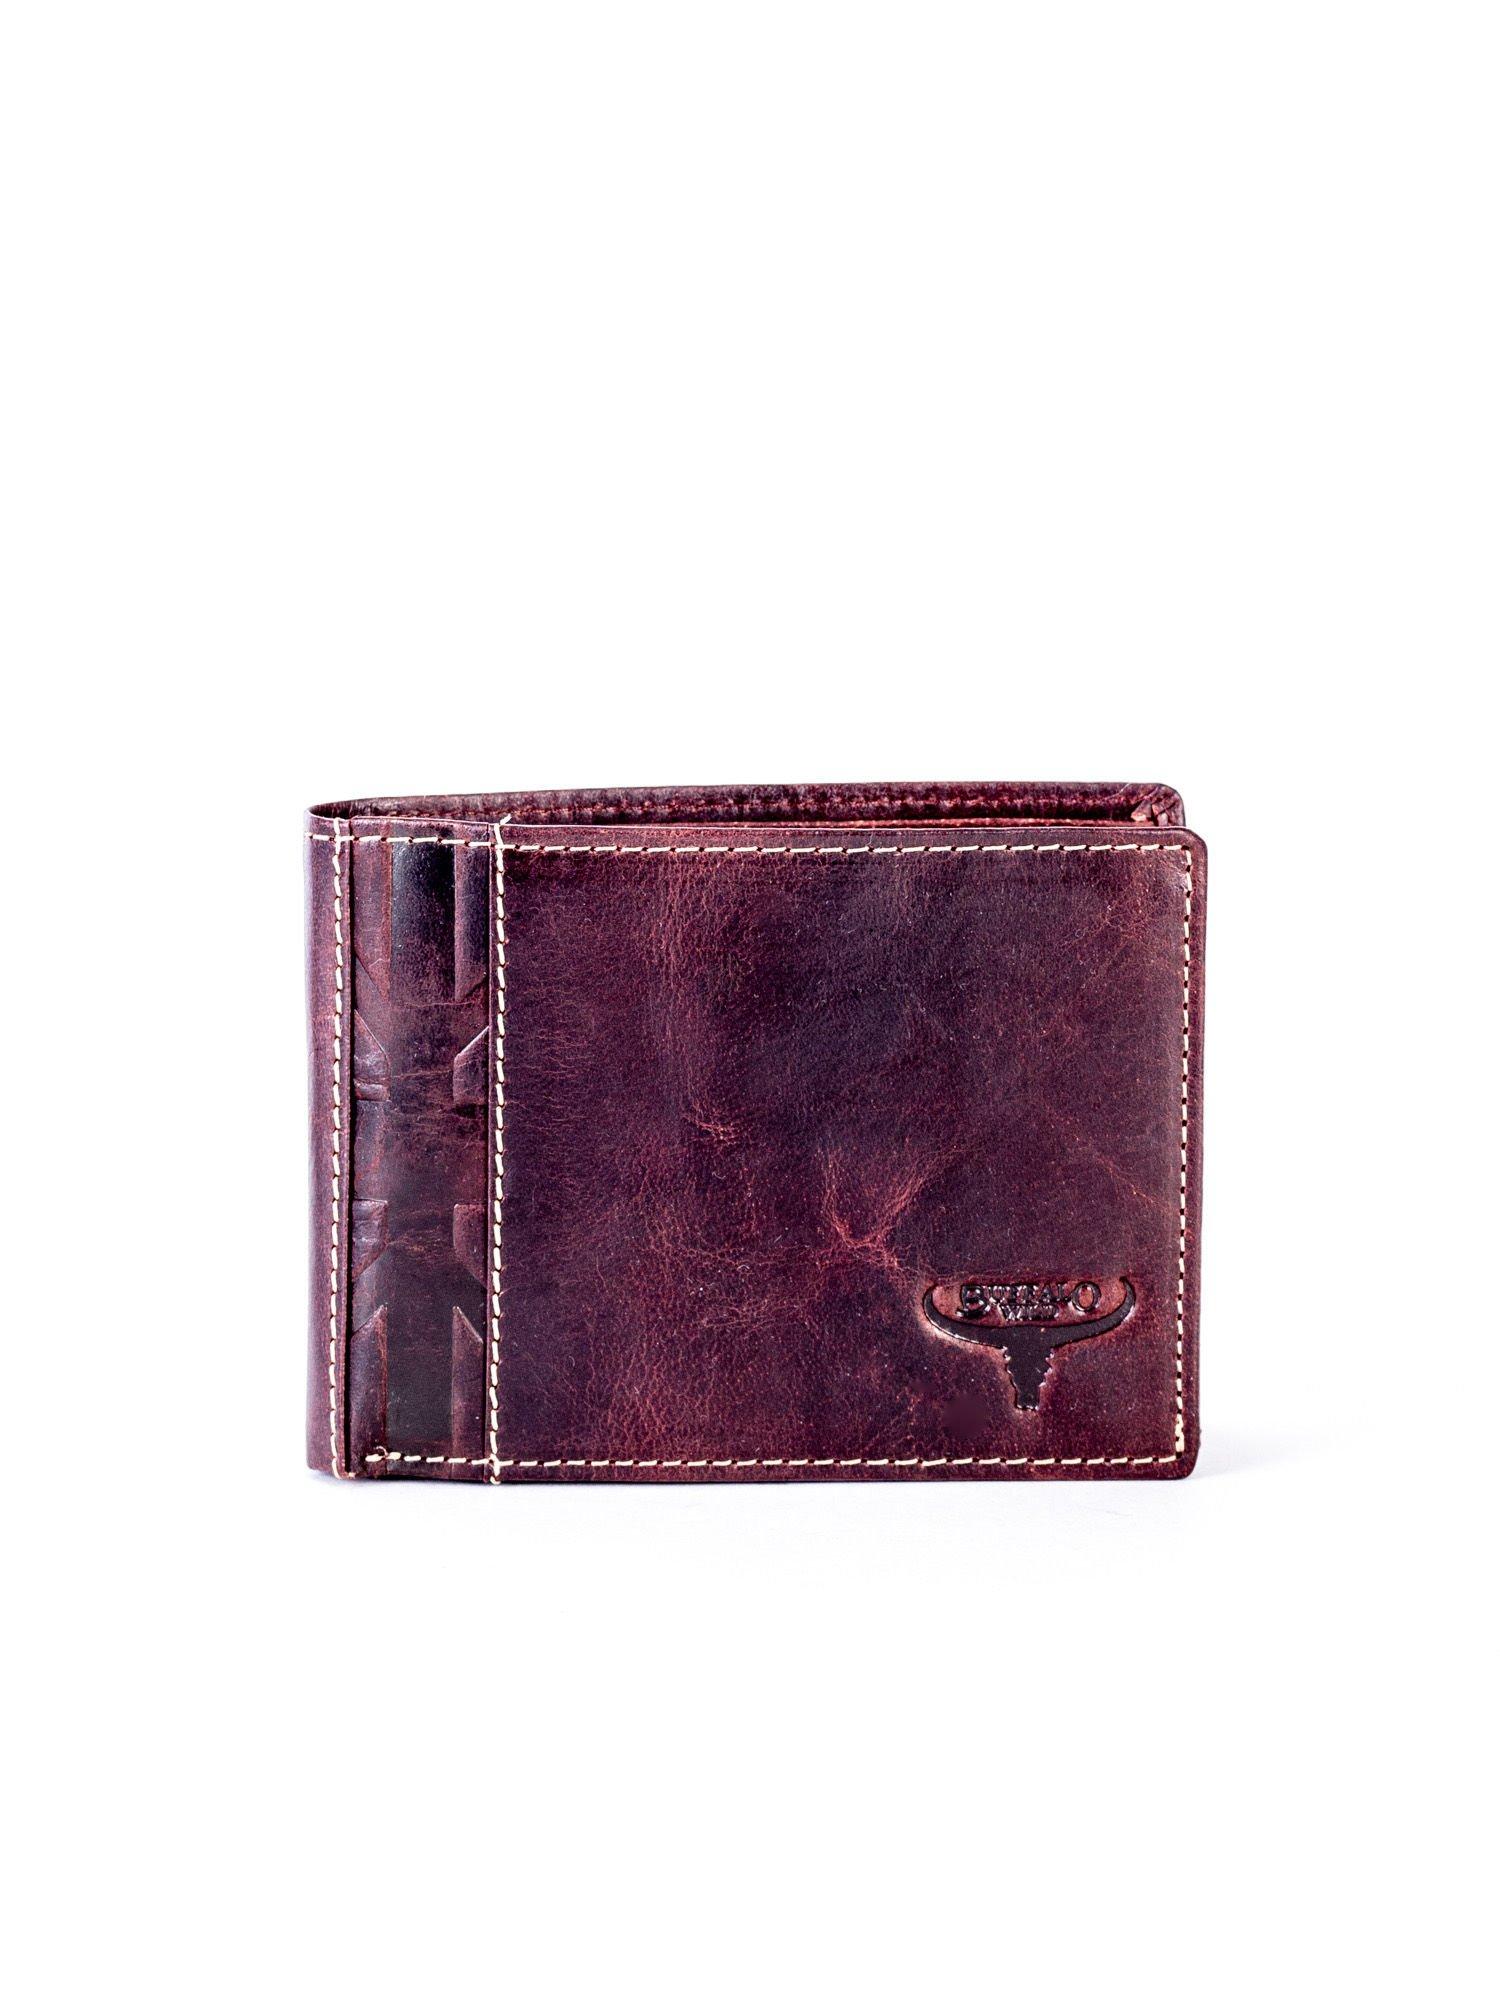 54b7949e5a70a Brązowy skórzany portfel męski z tłoczonym emblematem - Mężczyźni portfel  męski - sklep eButik.pl